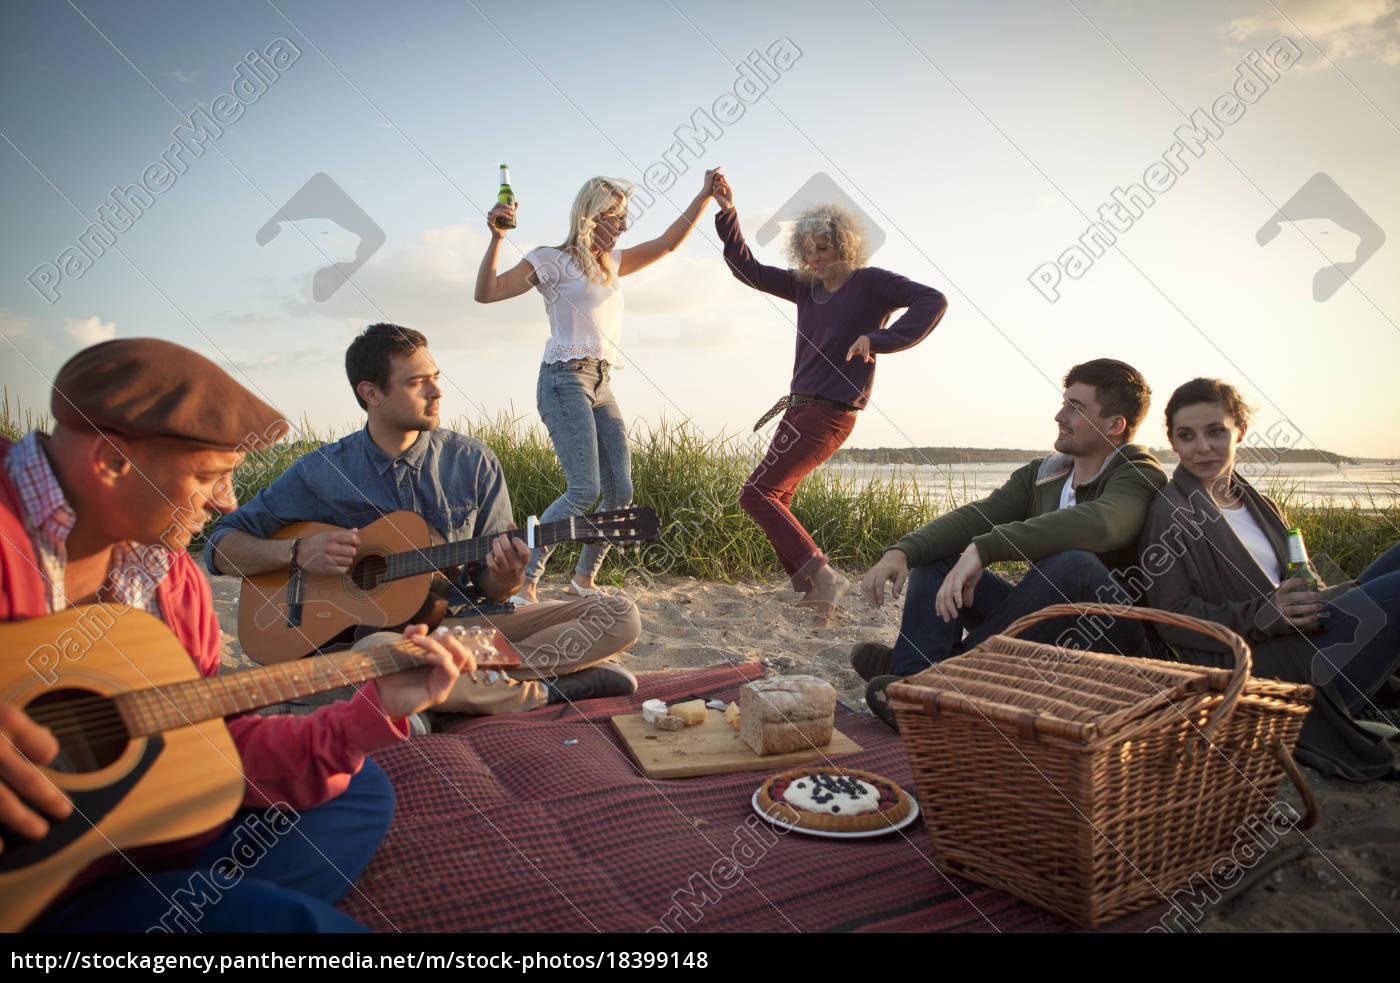 sechs, erwachsene, freunde, feiern, und, tanzen - 18399148